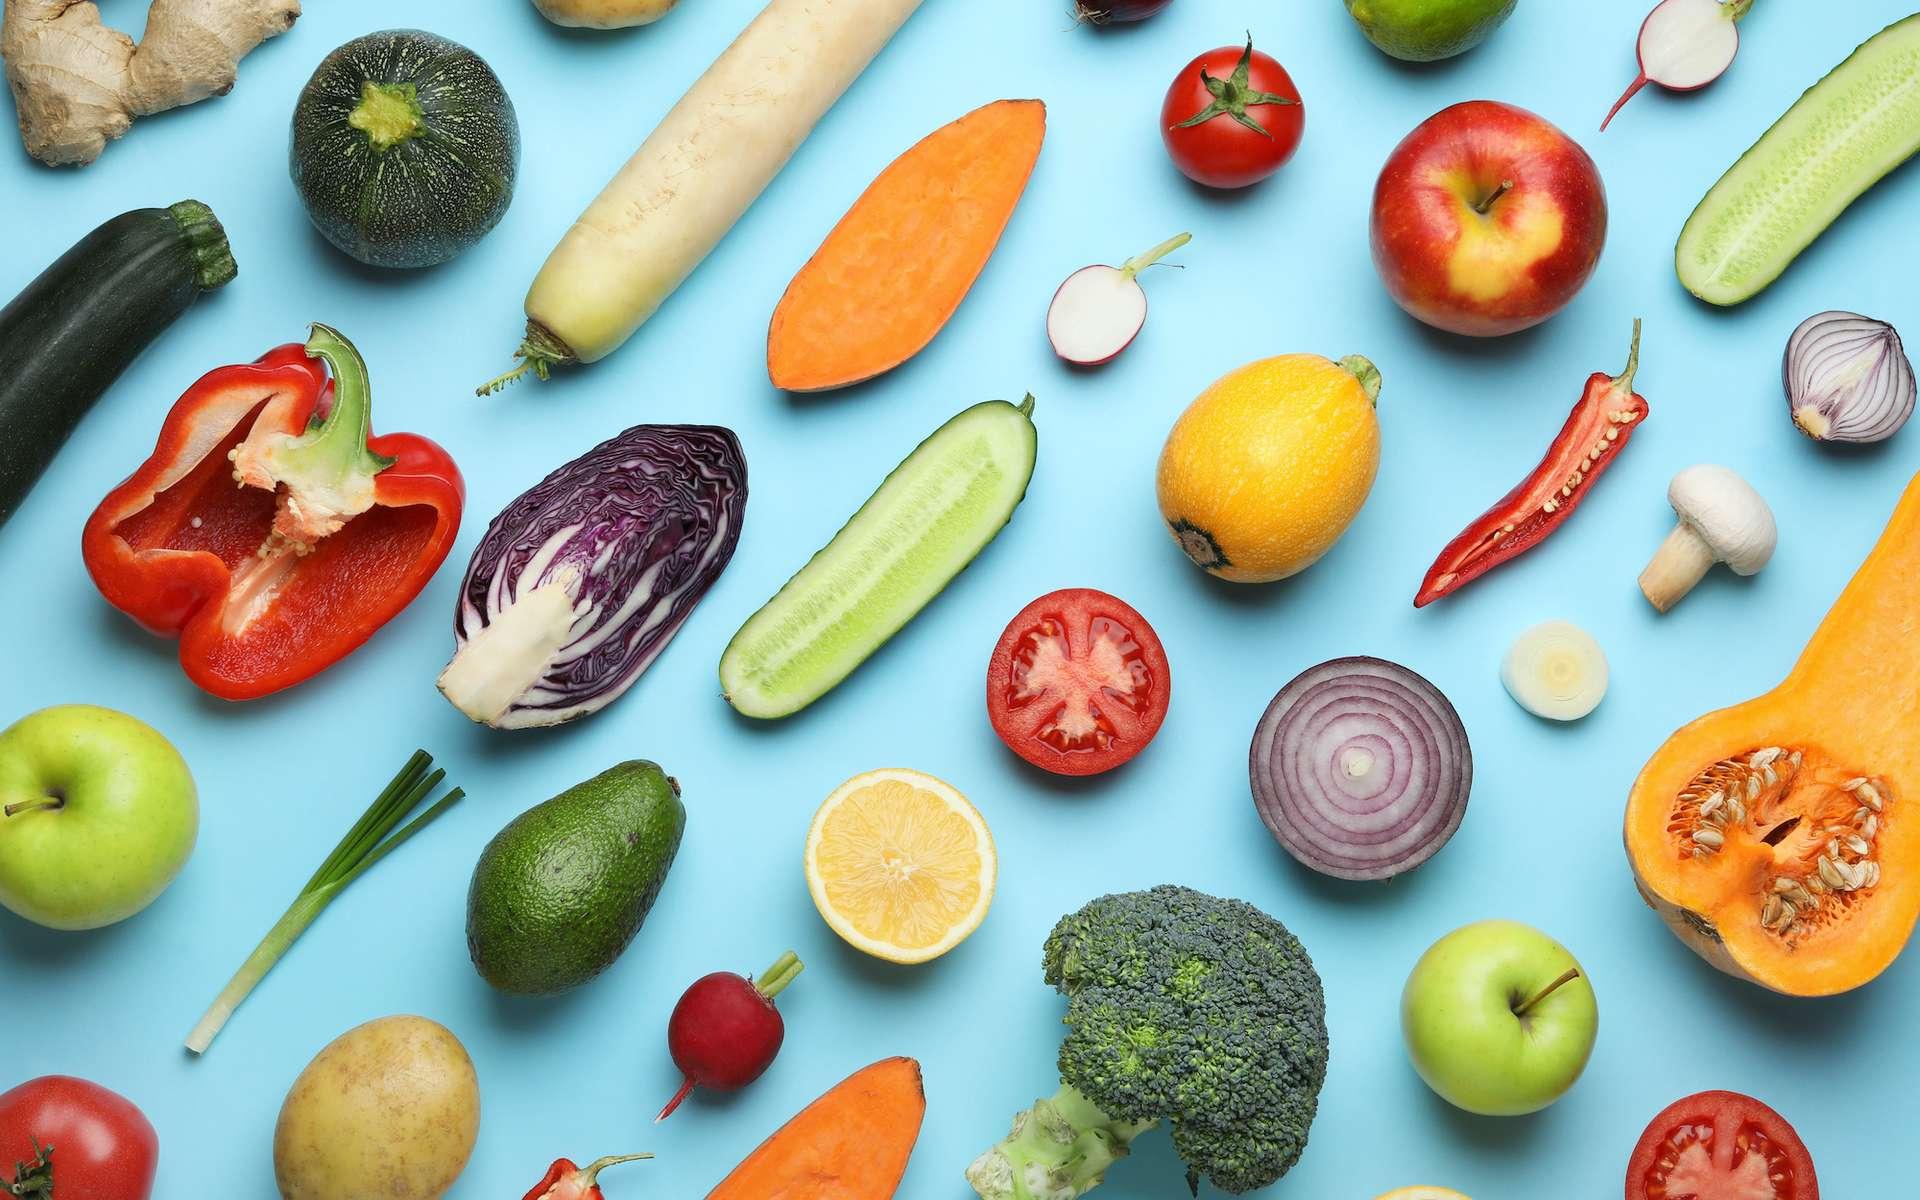 Connaissez-vous les variétés de pomme, fraise ou tomate ? © New Africa, Adobe Stock